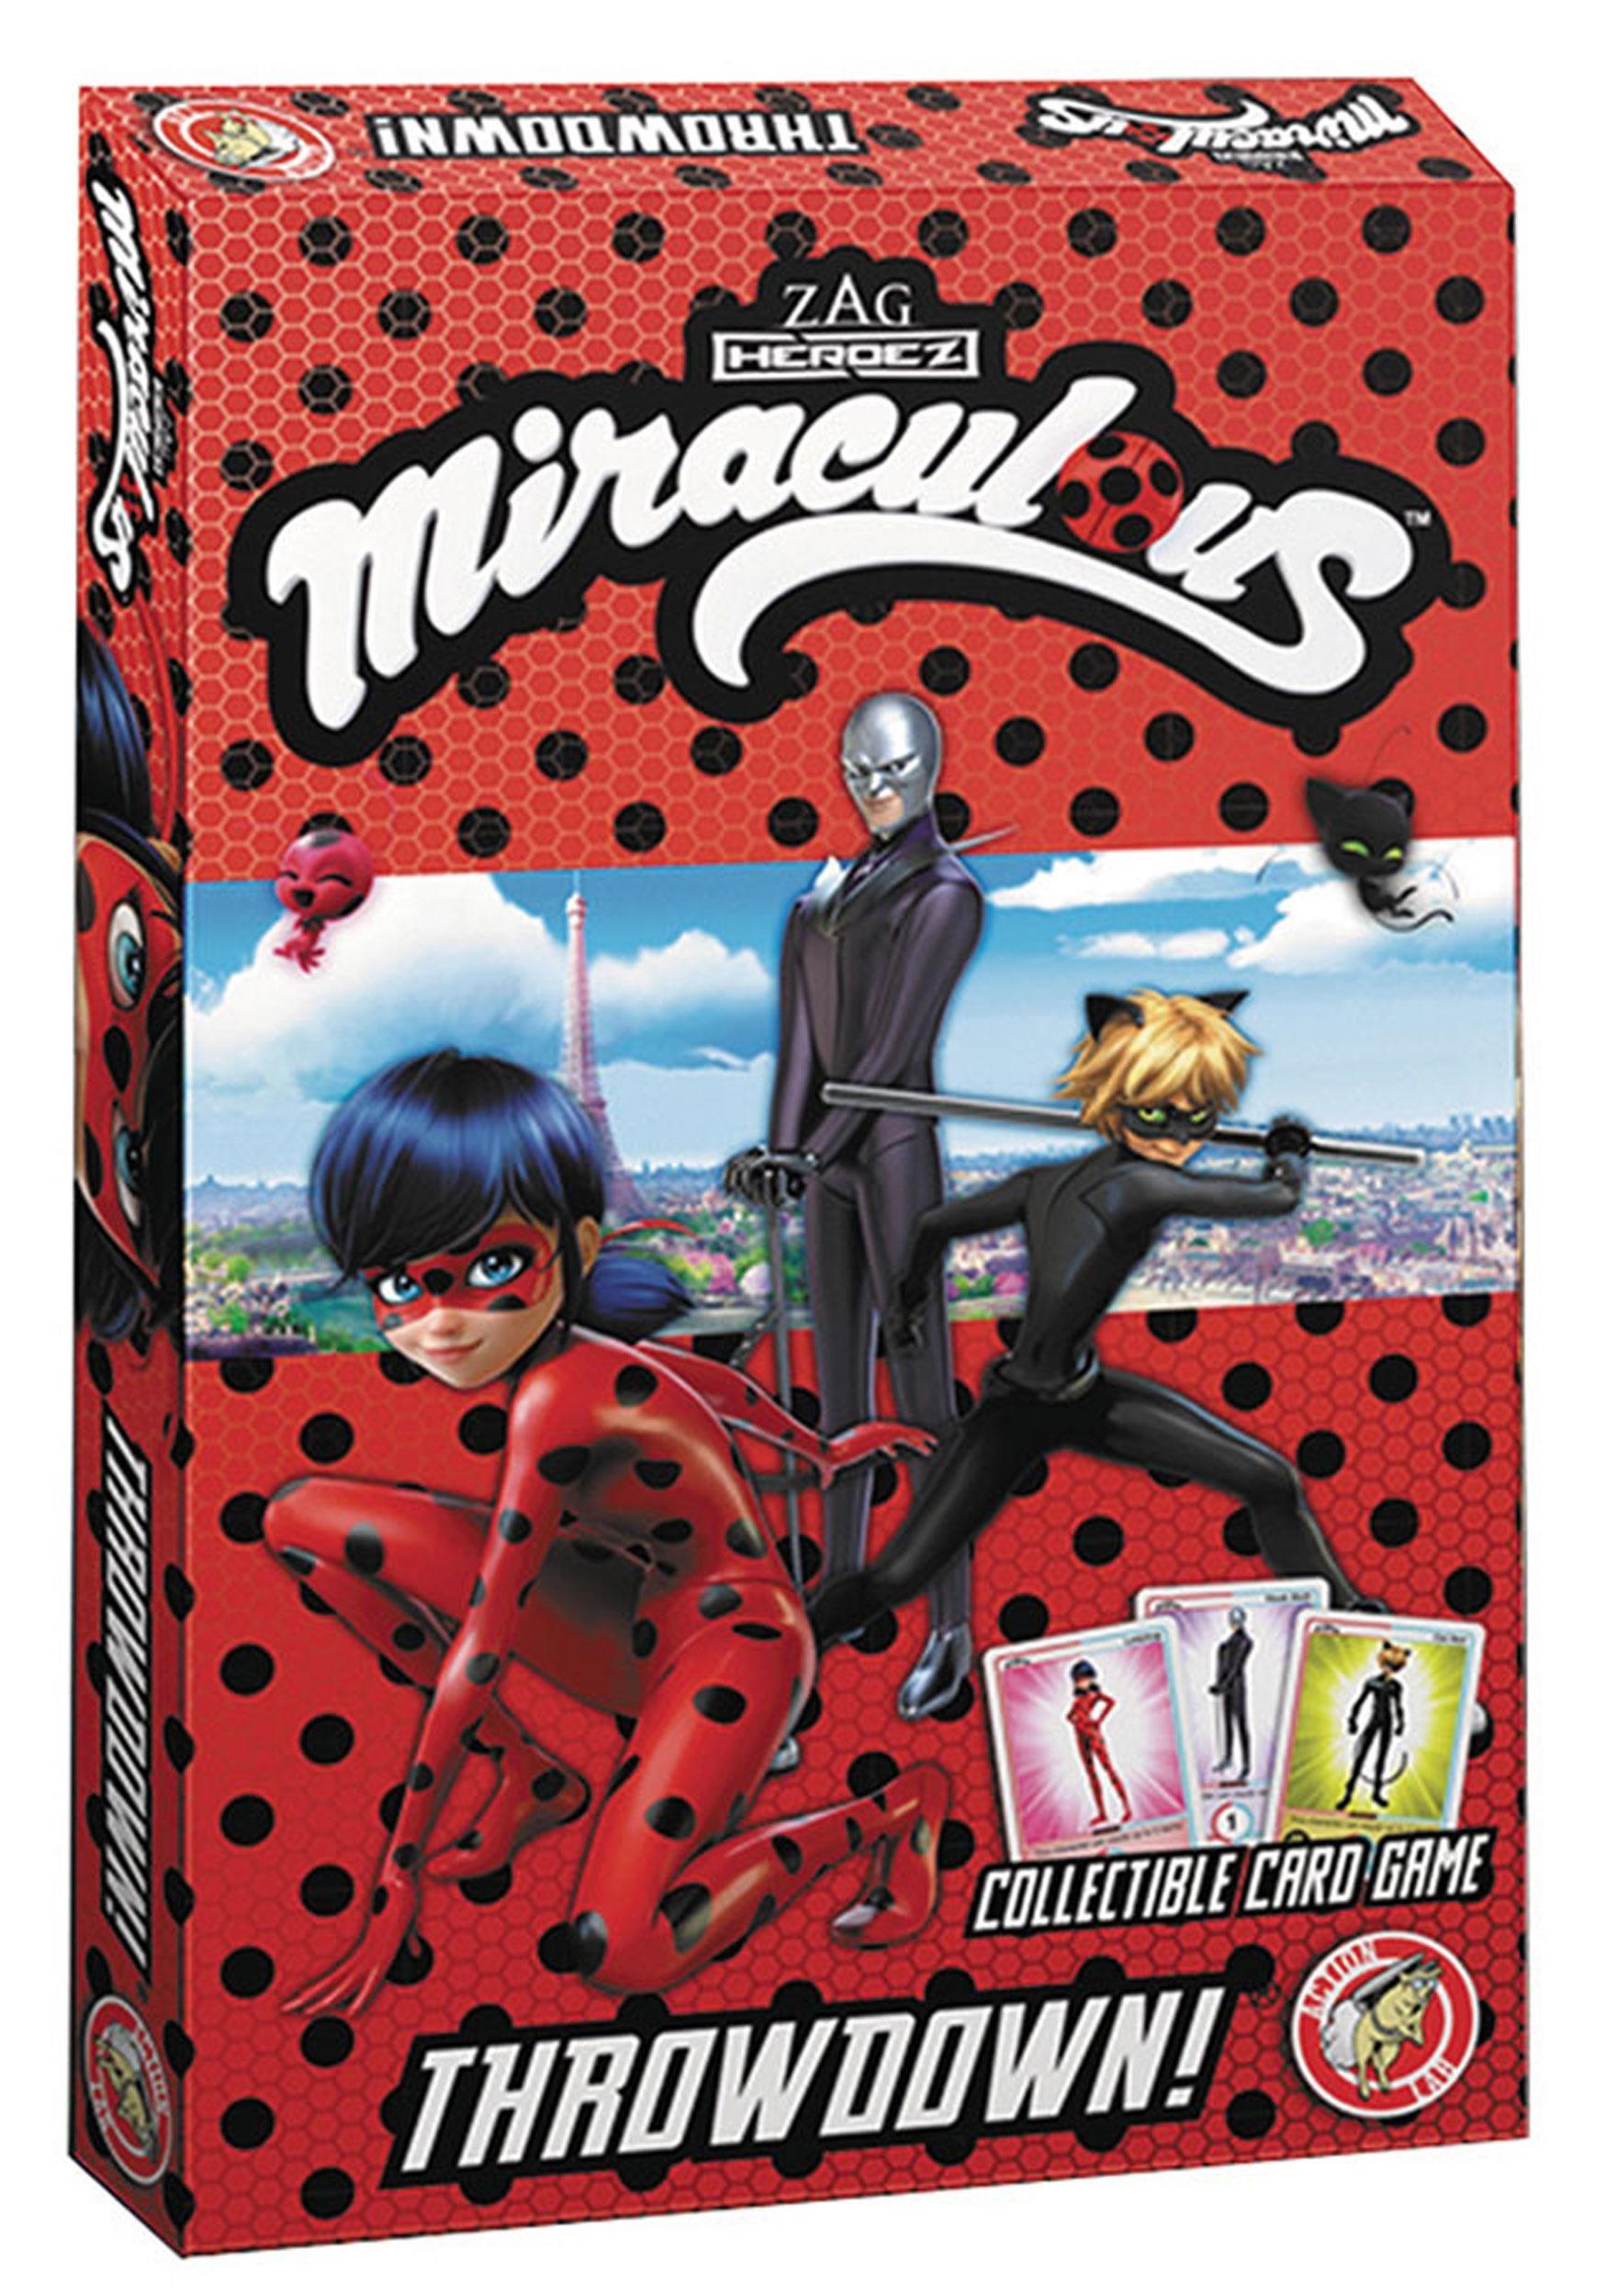 Miraculous_Ladybug_Throwdown_Card_Game